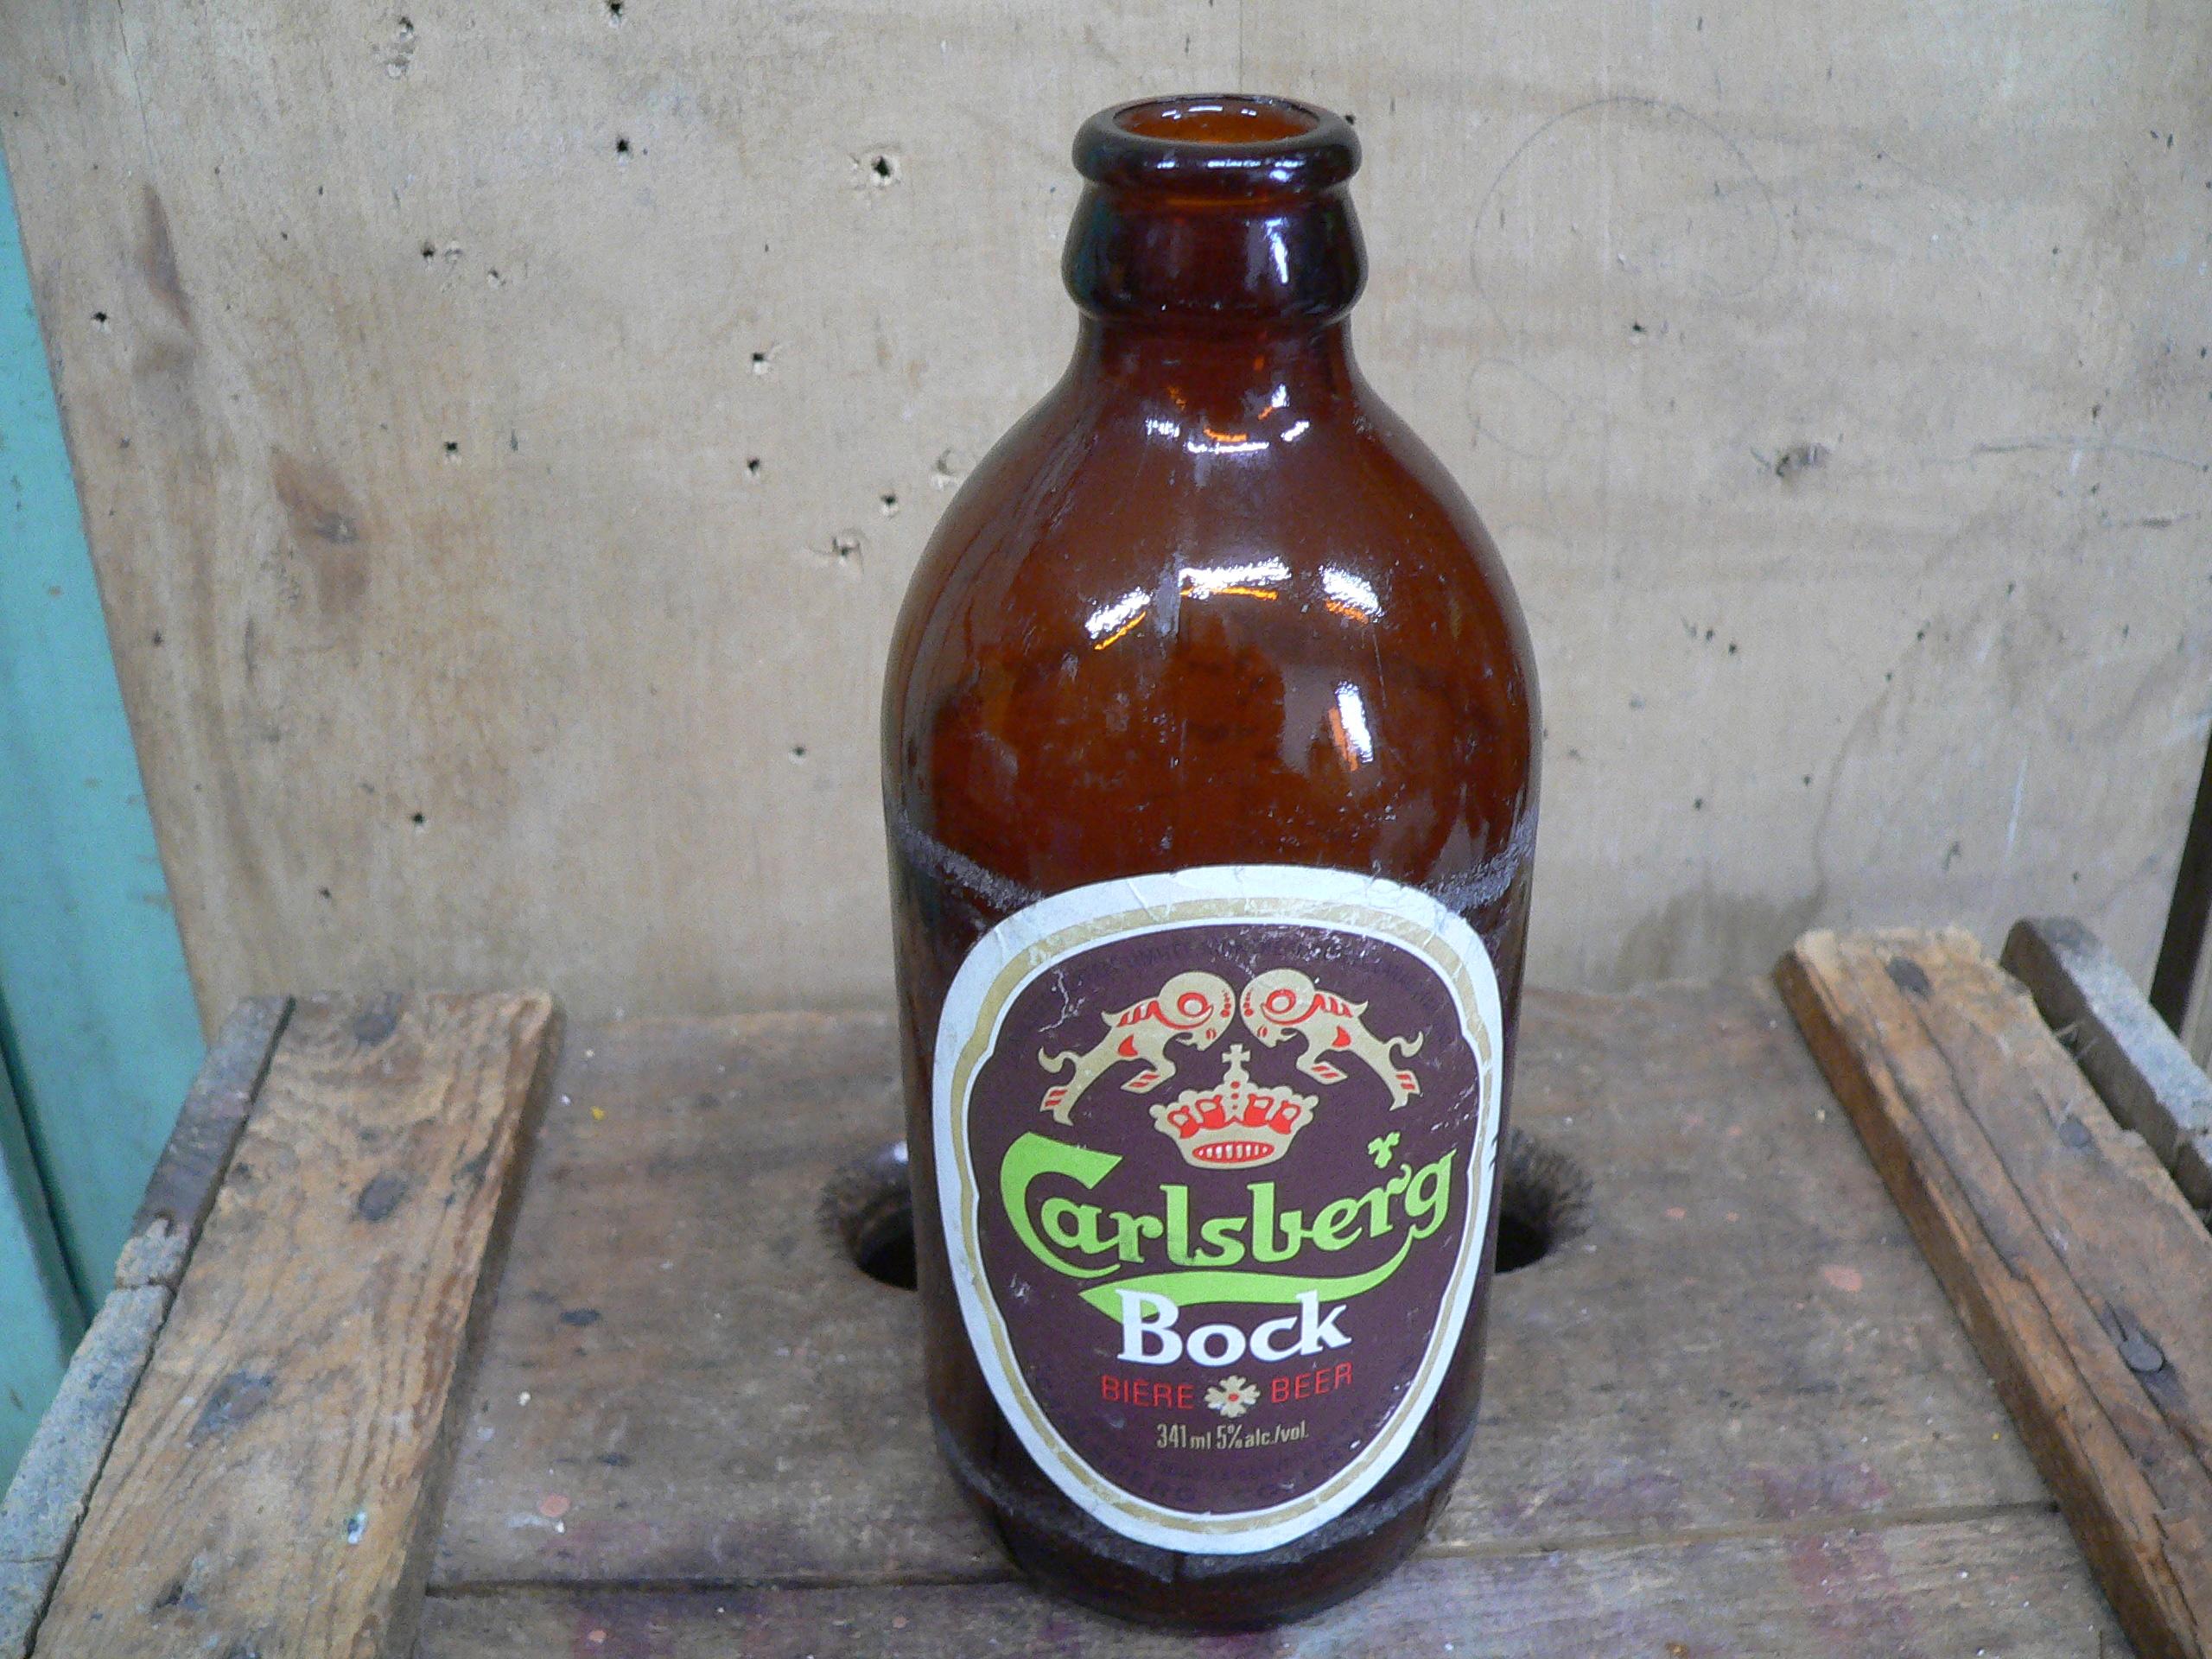 Bouteille antique bière carlsberg bock # 5742.2